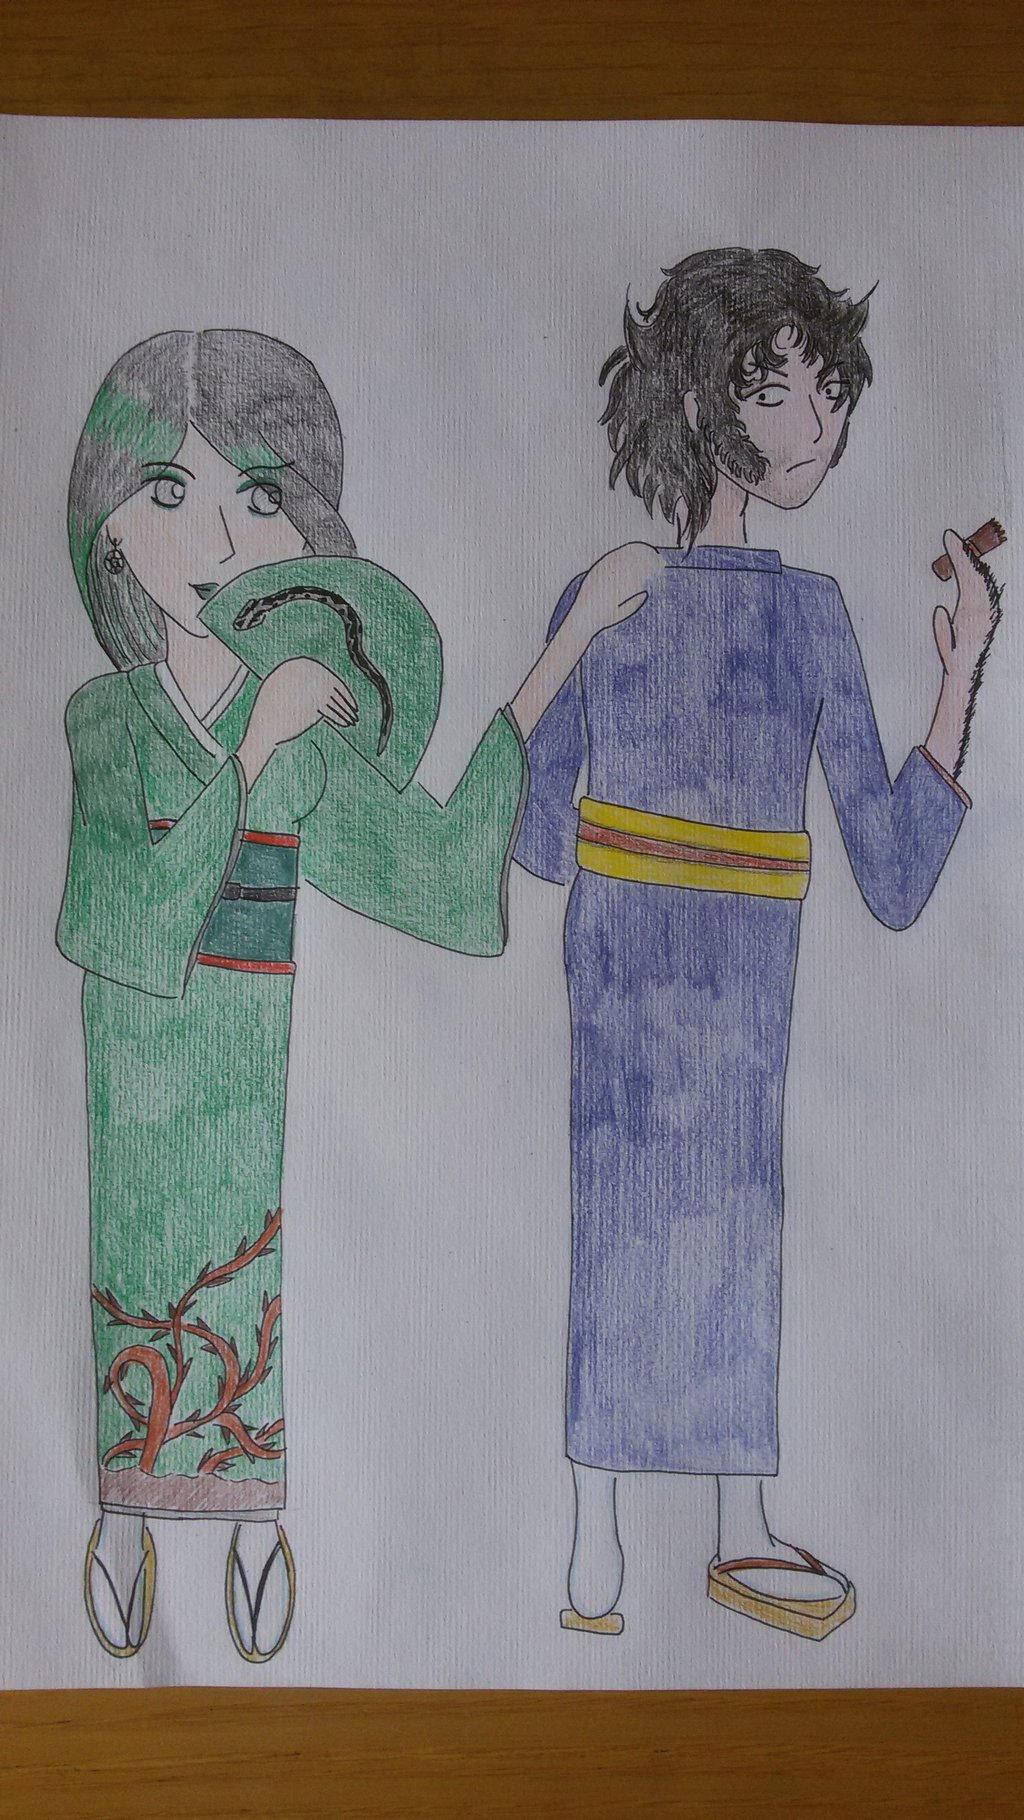 Viper and Logan by saramarconato